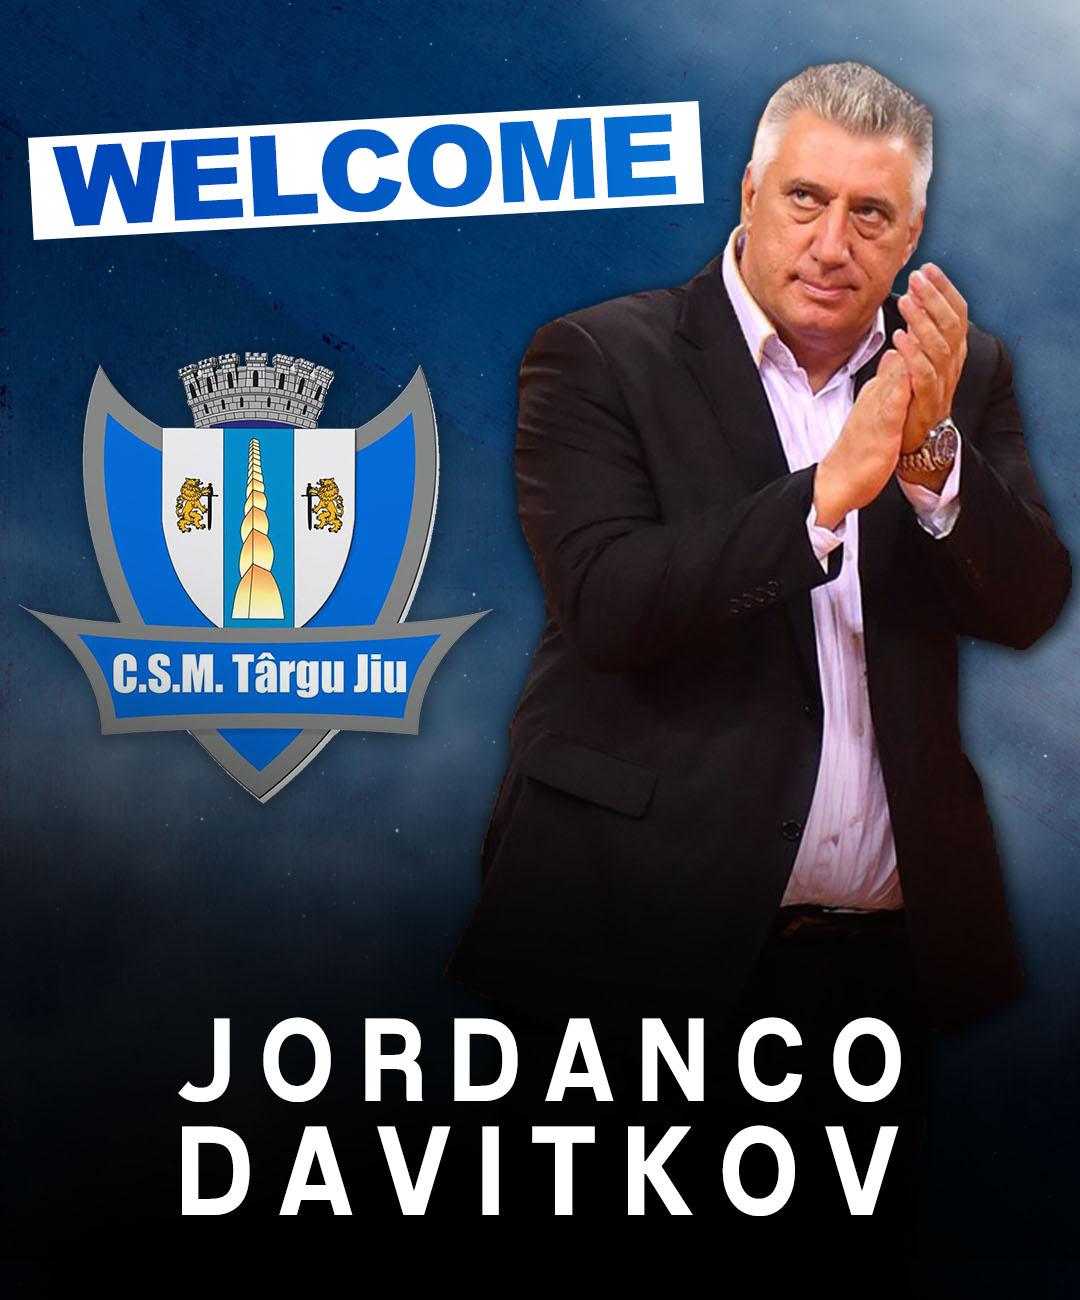 jordancho davitkov